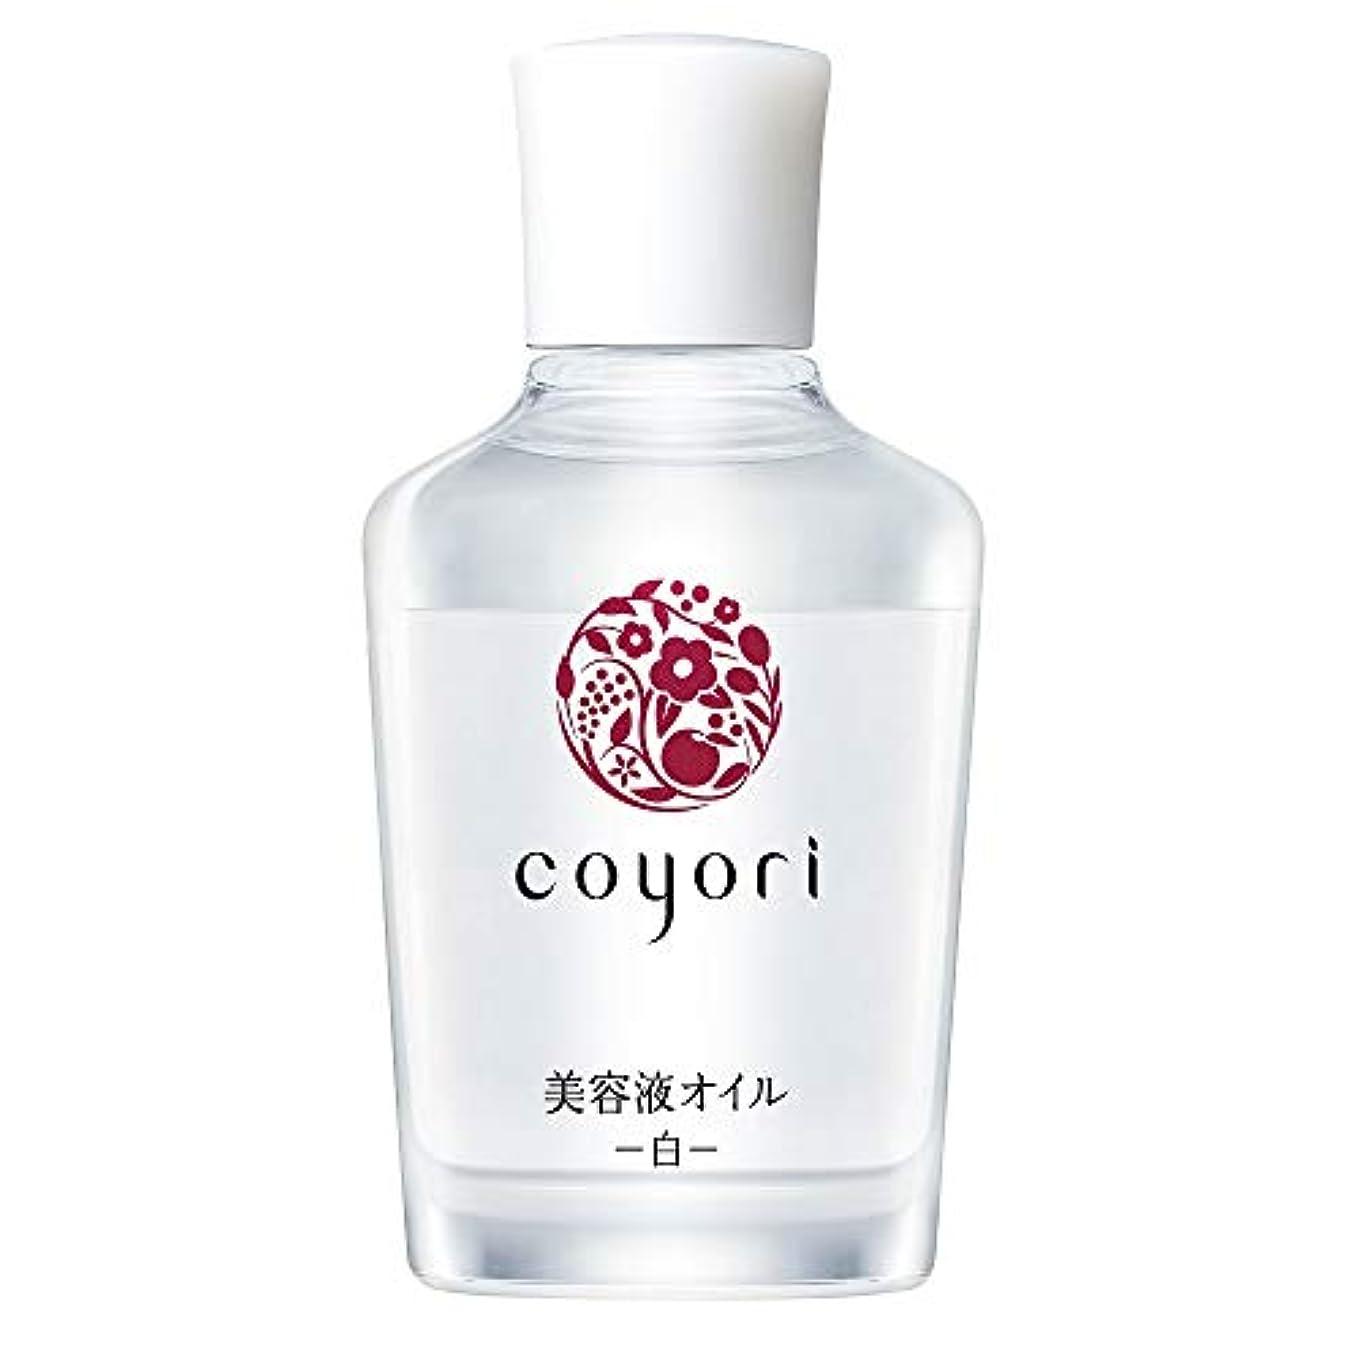 ケニア中でサーキュレーション[公式] コヨリ 美容液オイル-白- 40mL 大容量 無添加[高機能 自然派 エイジングケア 乾燥肌 敏感肌 くすみ 乾燥 小じわ 対策用 もっちり ハリ ツヤ フェイスオイル ]